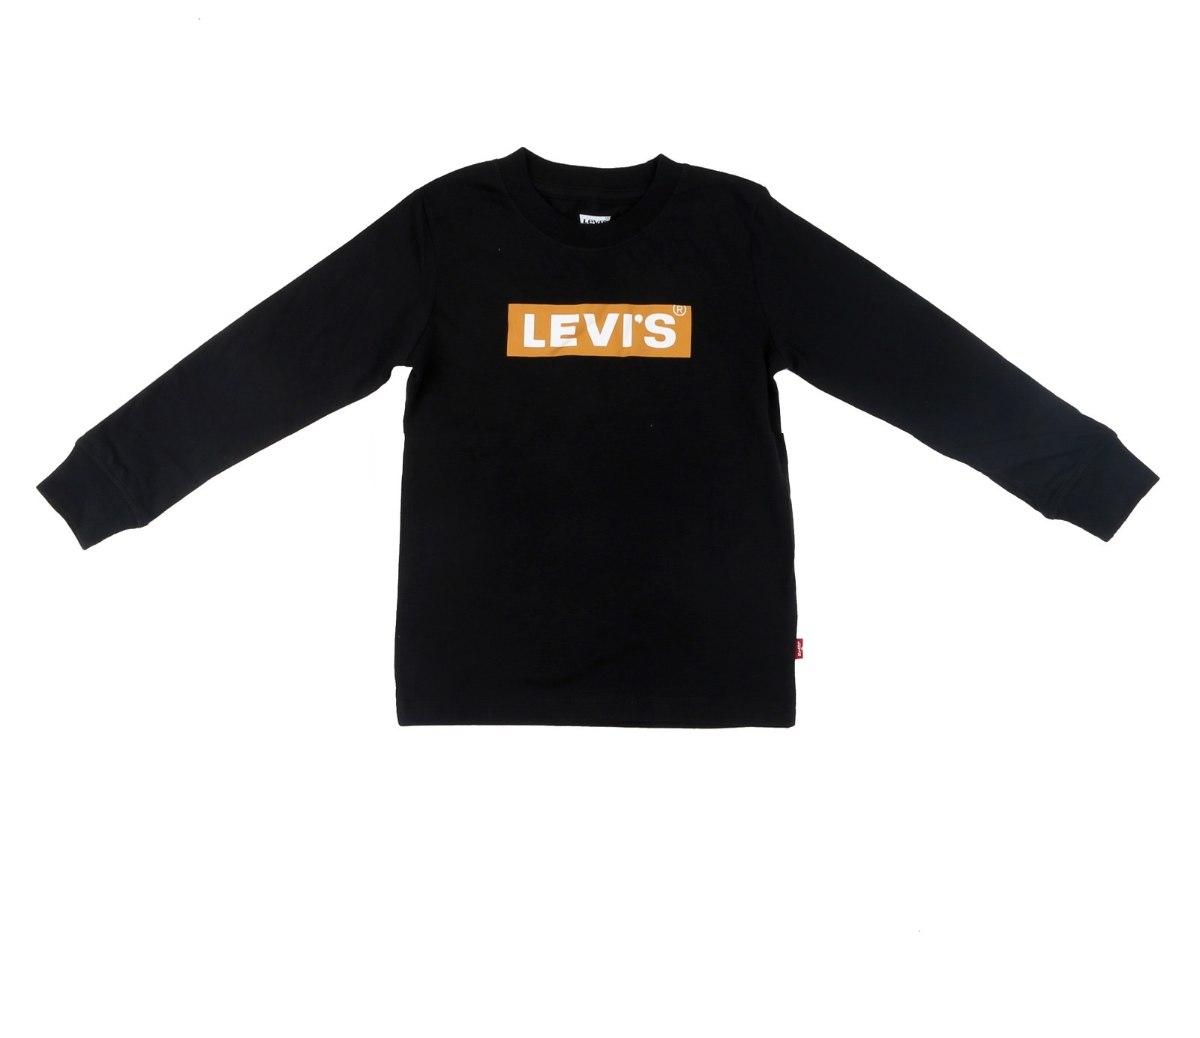 טי שירט LEVIS שחורה לוגו צהוב - מידות 1-13 שנים